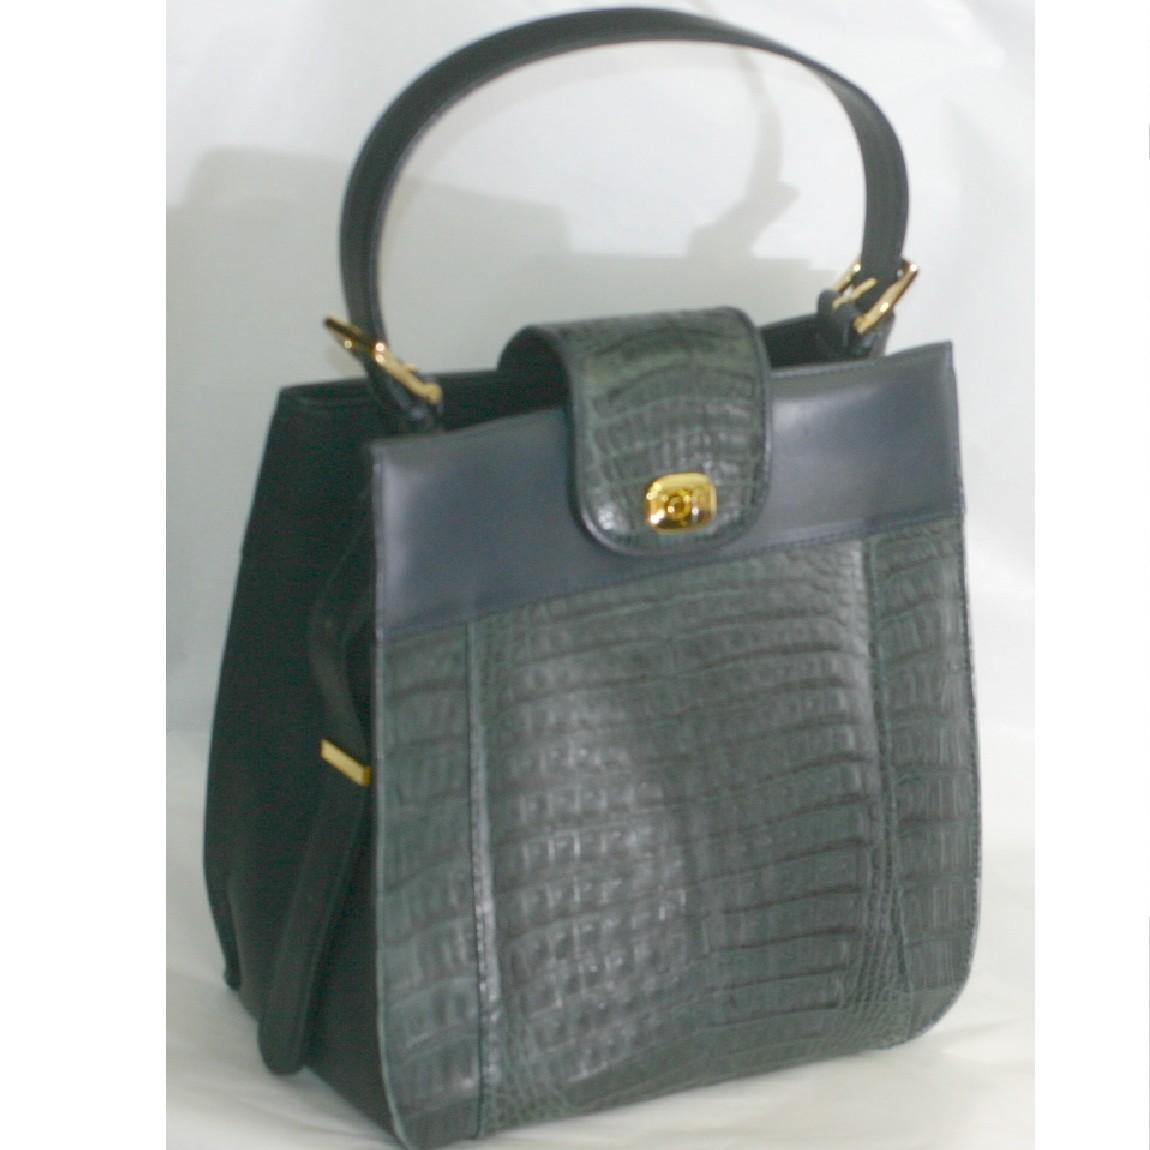 中古 ほぼ新品女性用の濃紺色牛革素材に鰐革をパッチワークした2WAYのバッグ ○C14-137 奉呈 評価 サイズW25H24D12cm